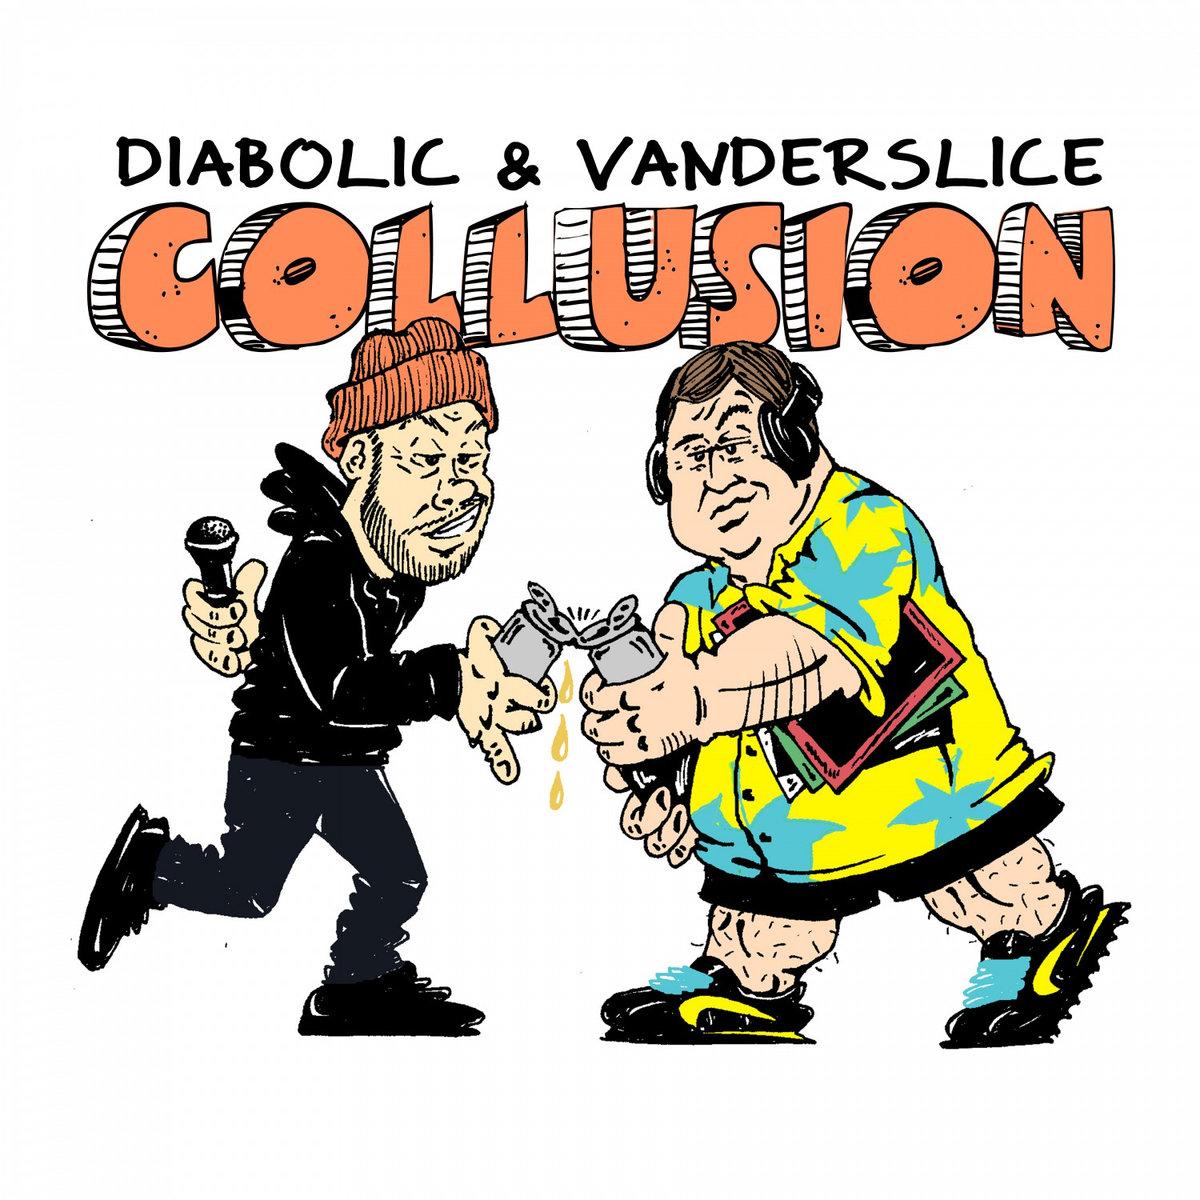 Diabolic___vanderslice_collusion